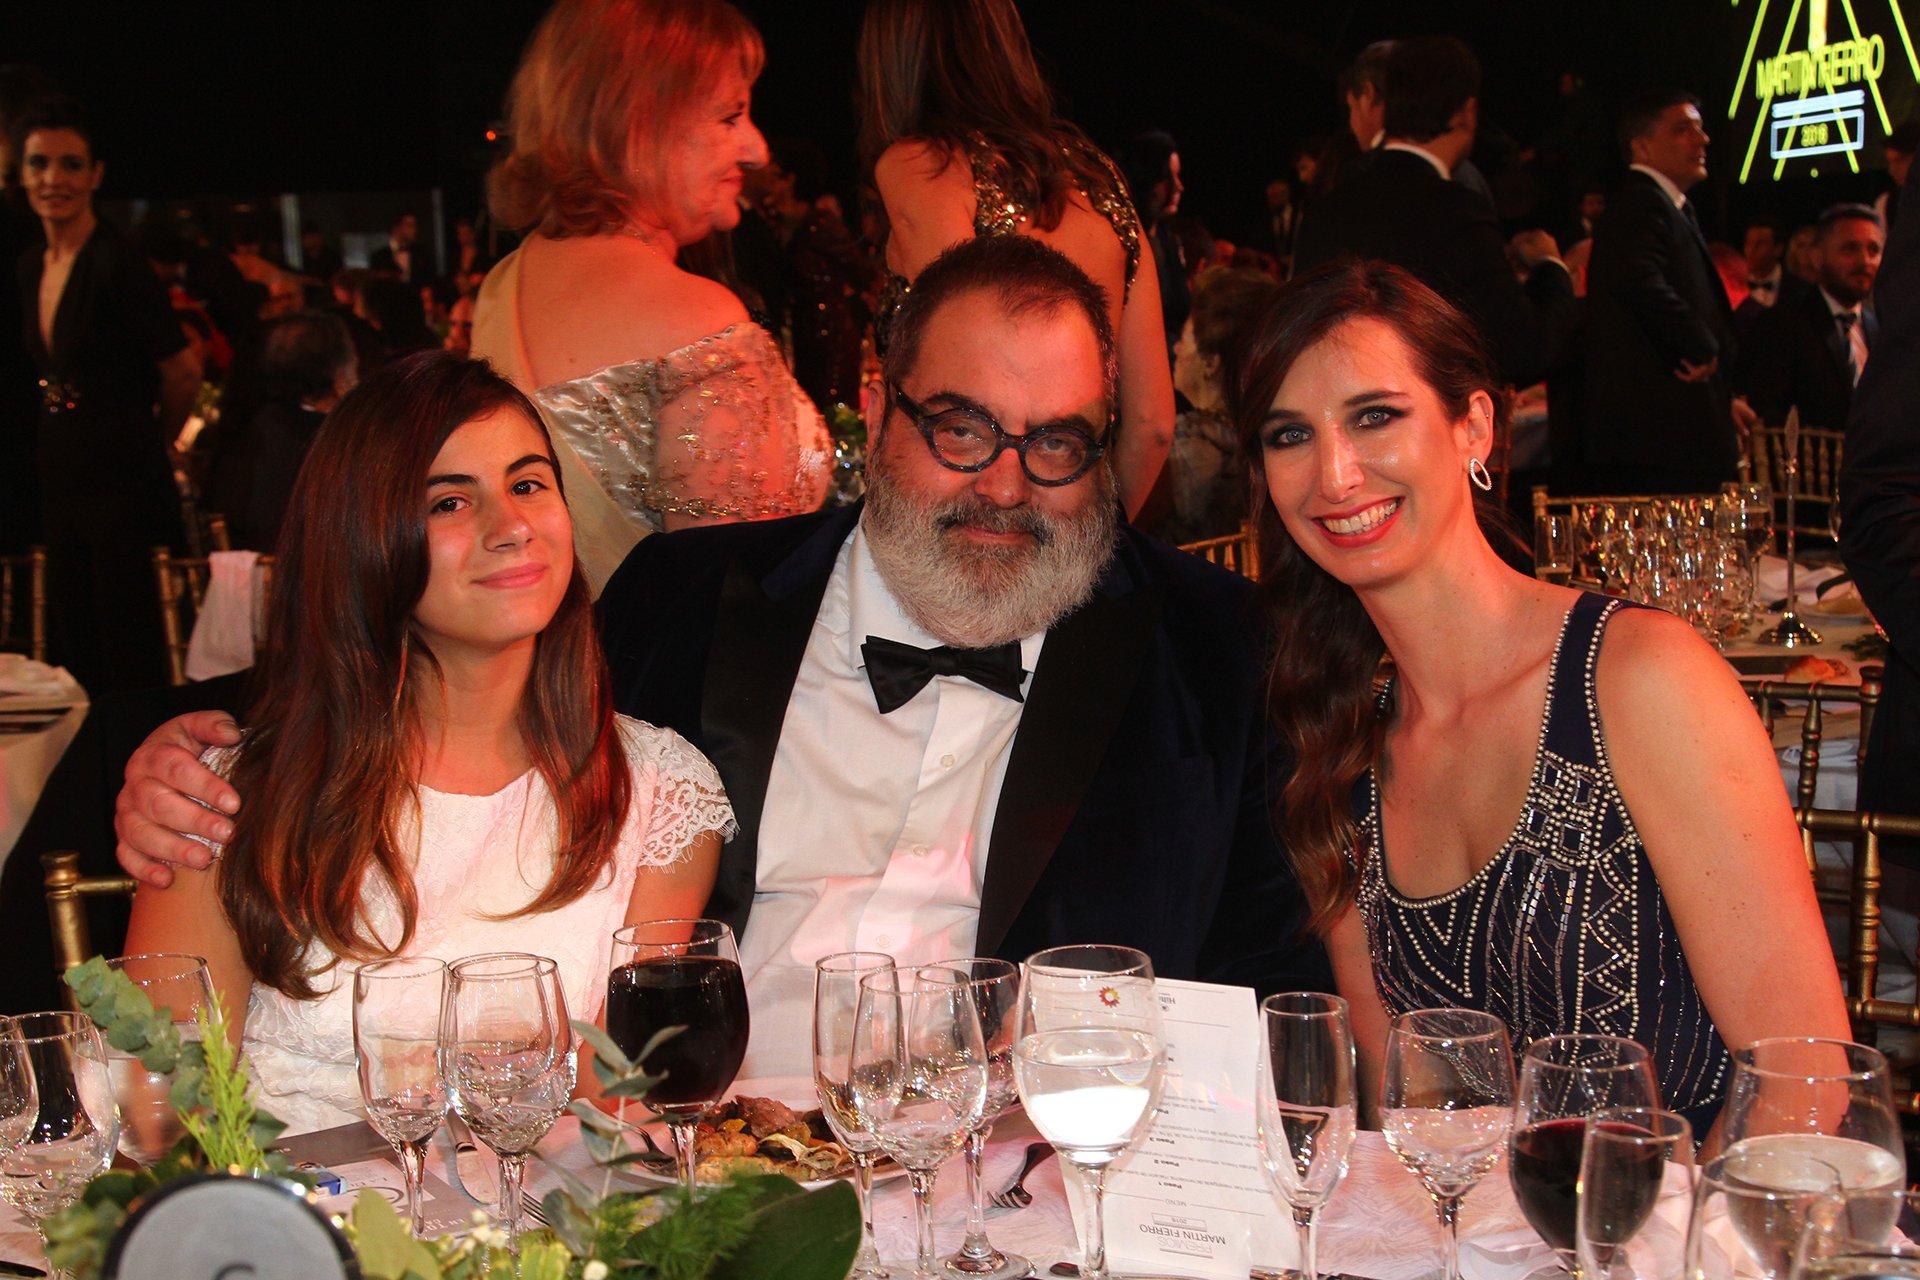 El periodista Jorge Lanata junto a sus hijas Bárbara y Lola, en la noche de los Martín Fierro, donde fue el ganador del Oro.